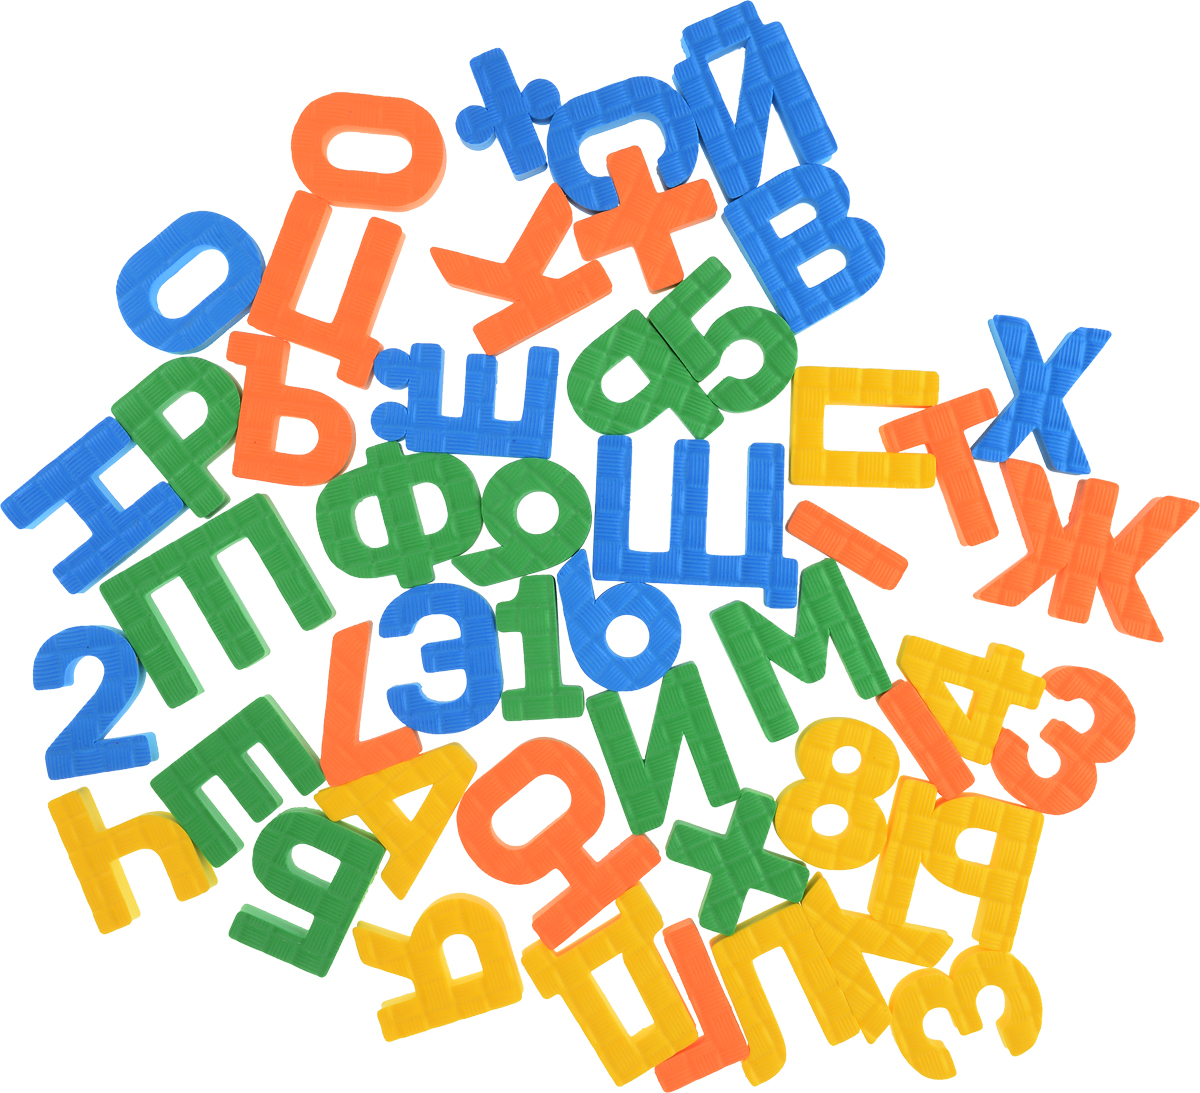 Pic'nMix Набор игрушек для ванной Буквы-цифры цвет желтый оранжевый зеленый веер касса fancy гласные буквы